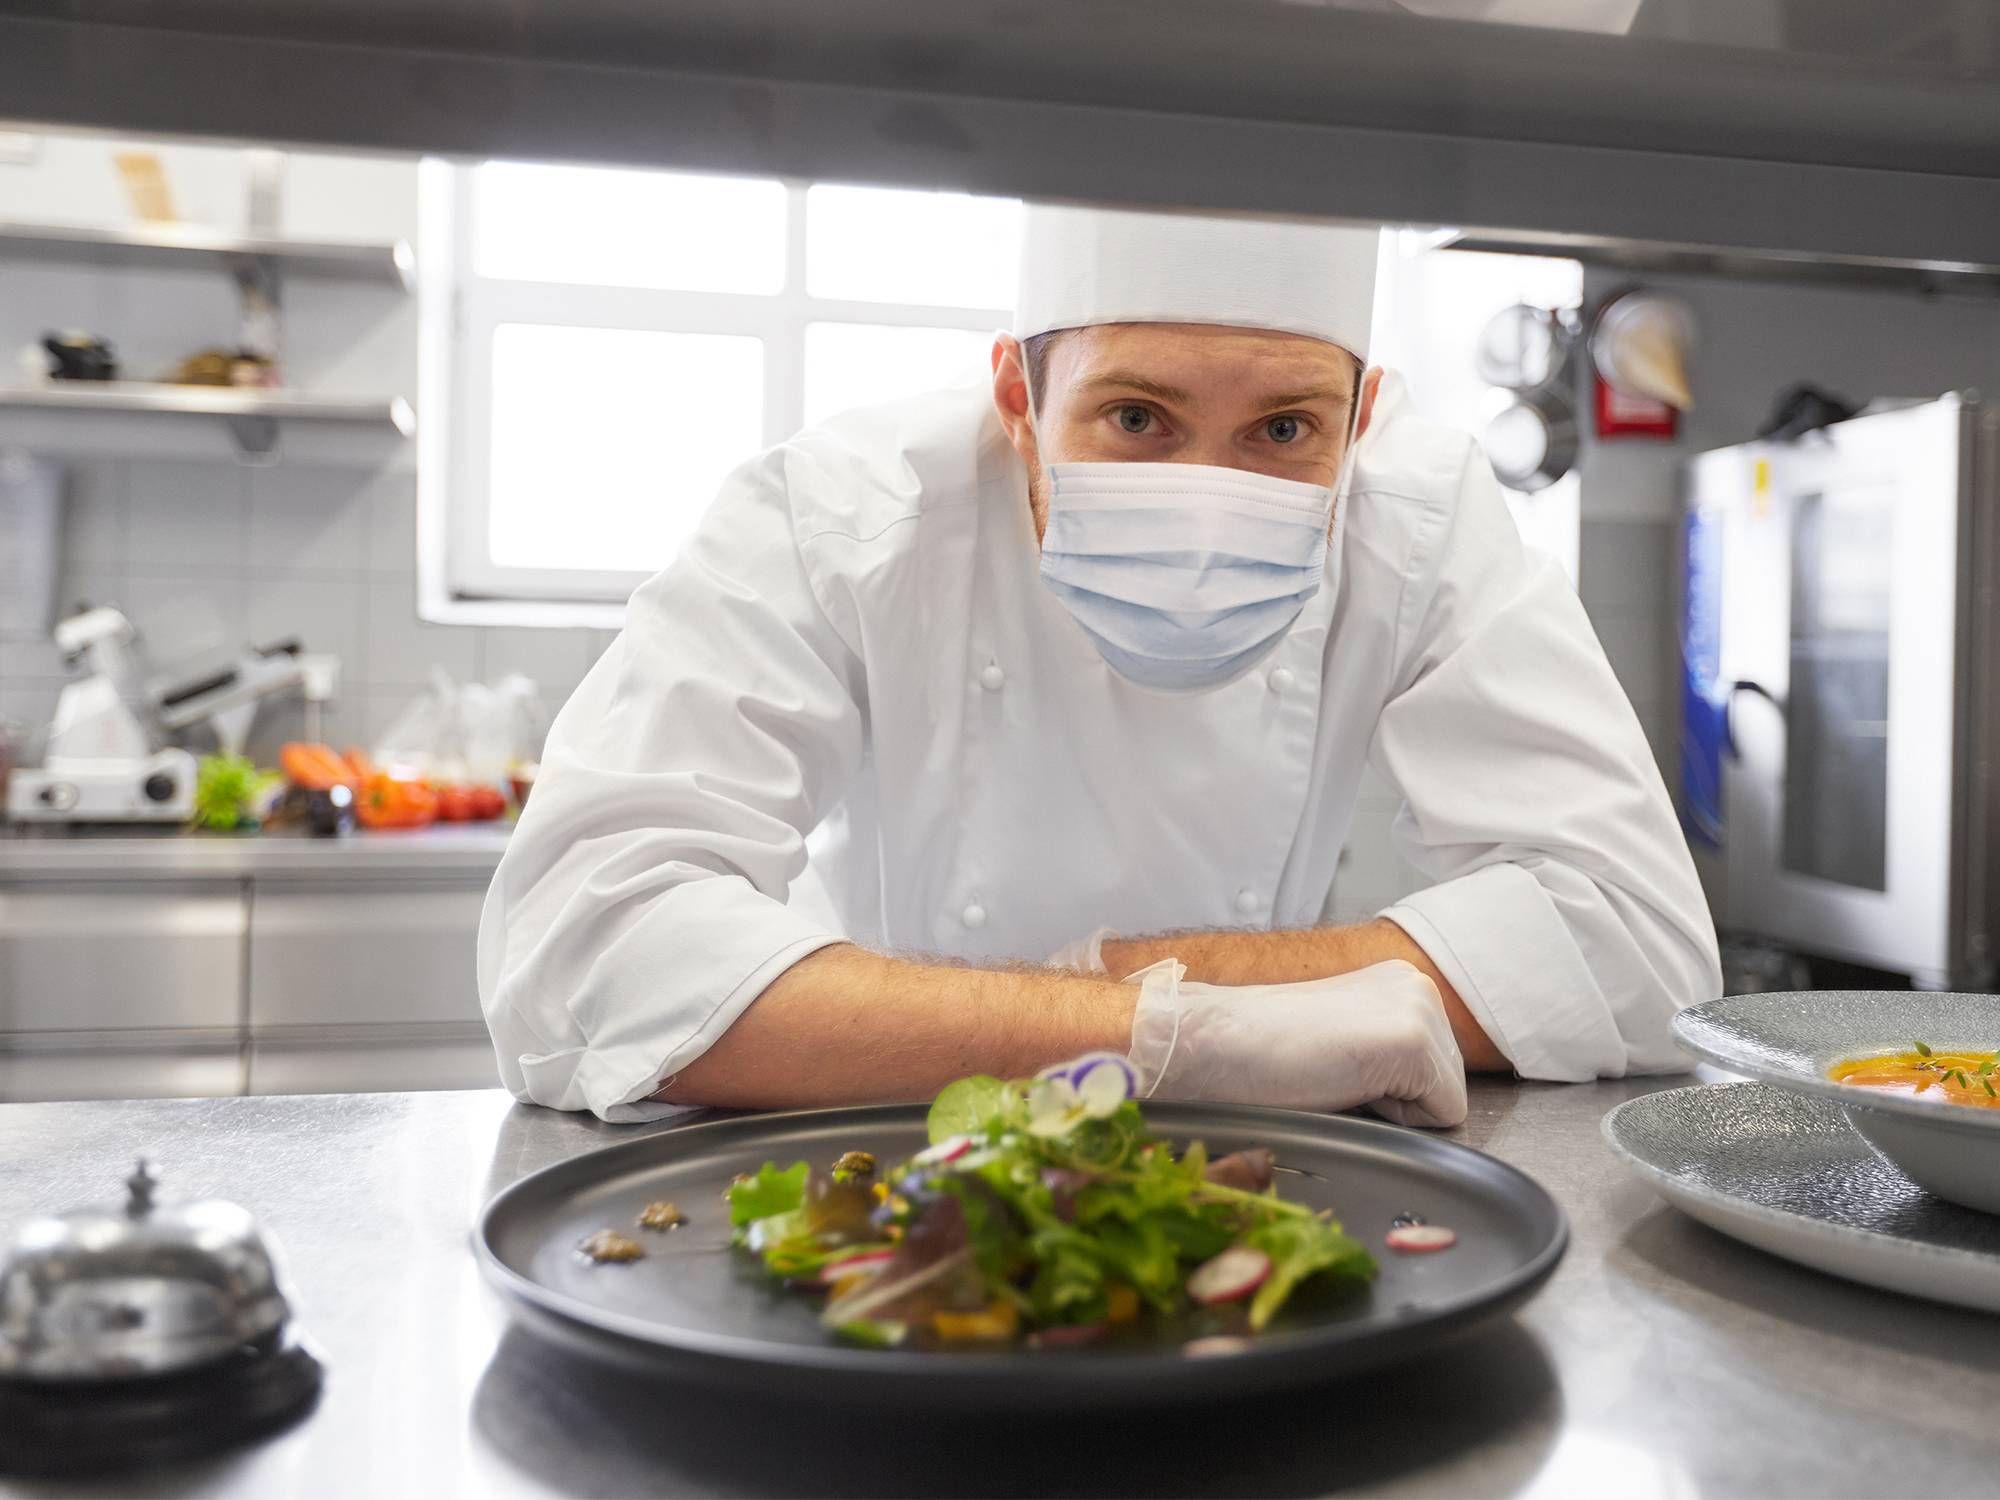 食品行业员工职业健康与安全